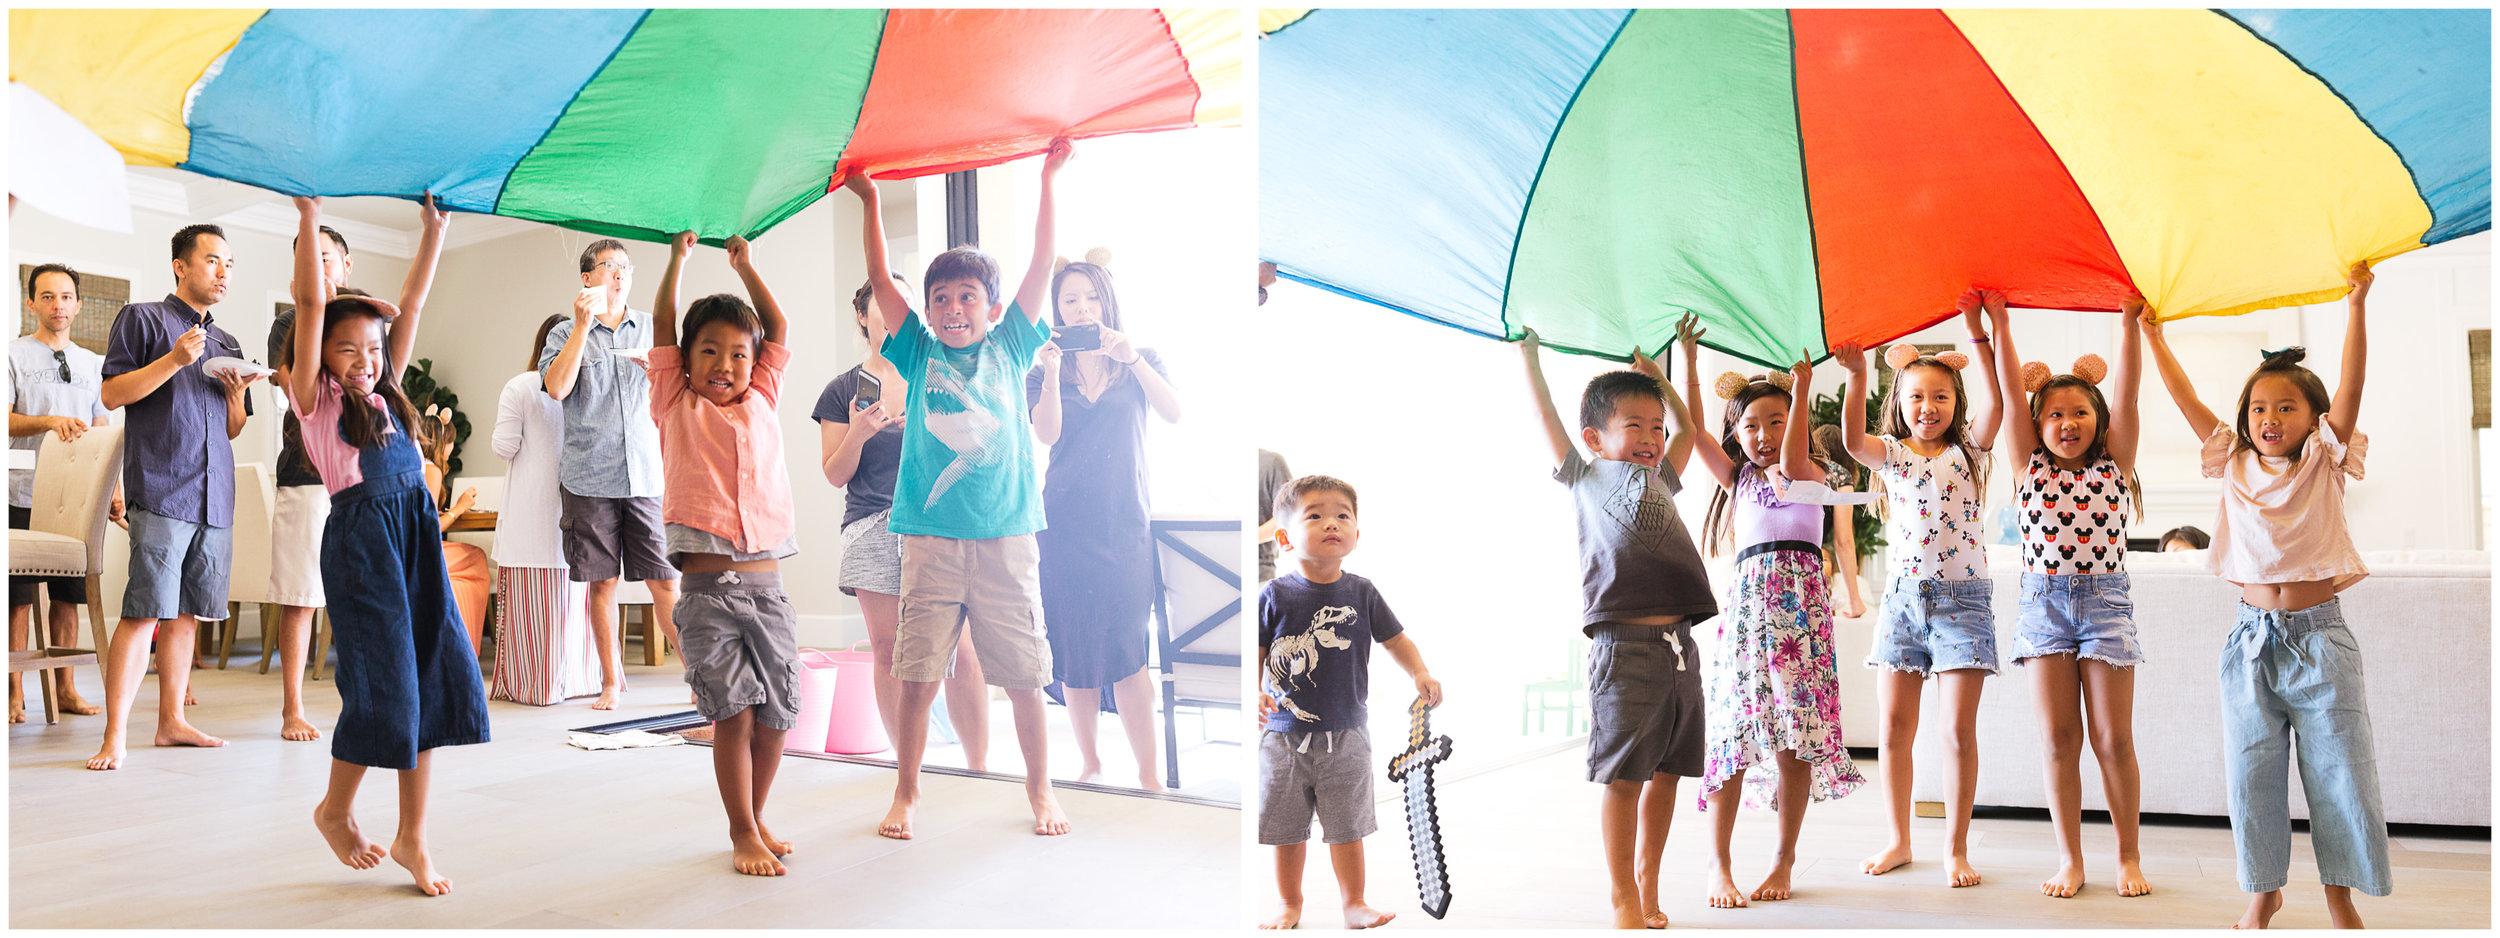 Kids Parachute.jpg